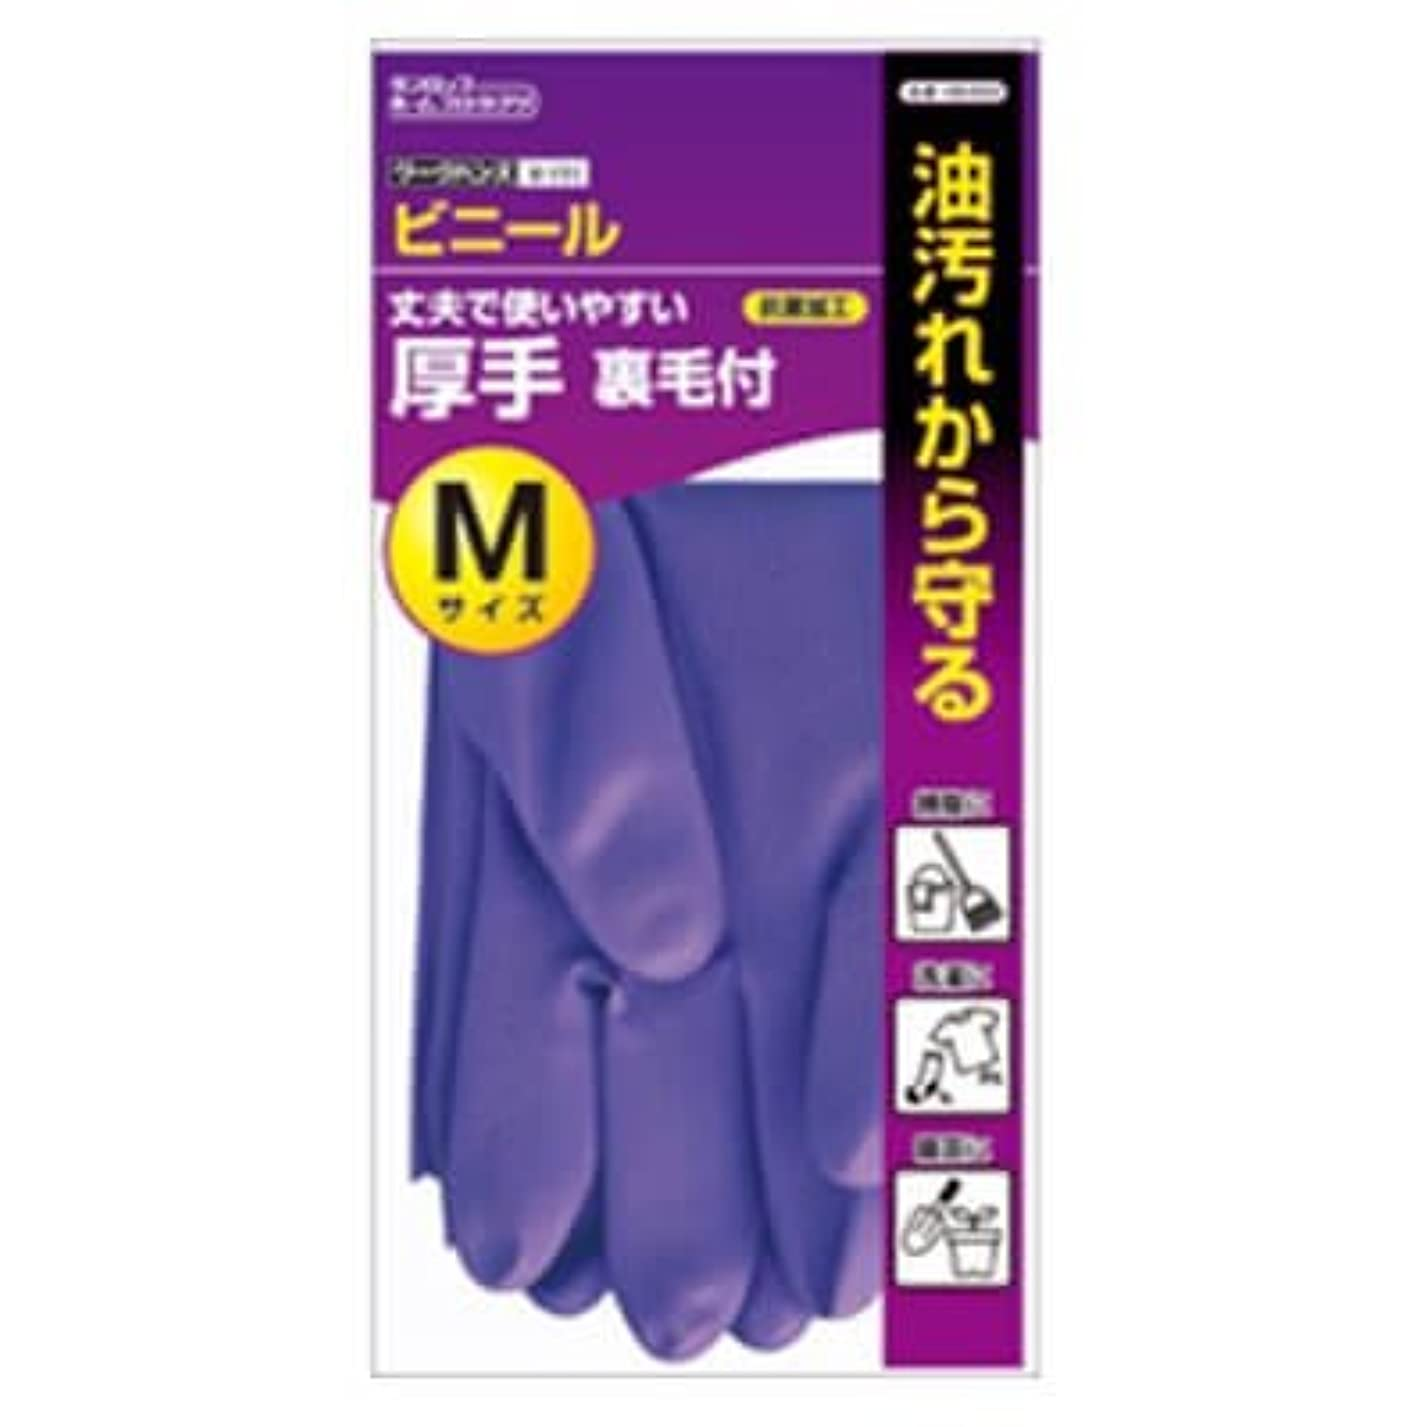 マウスランプ予備【ケース販売】 ダンロップ ワークハンズ V-111 ビニール厚手 M バイオレット (10双×12袋)